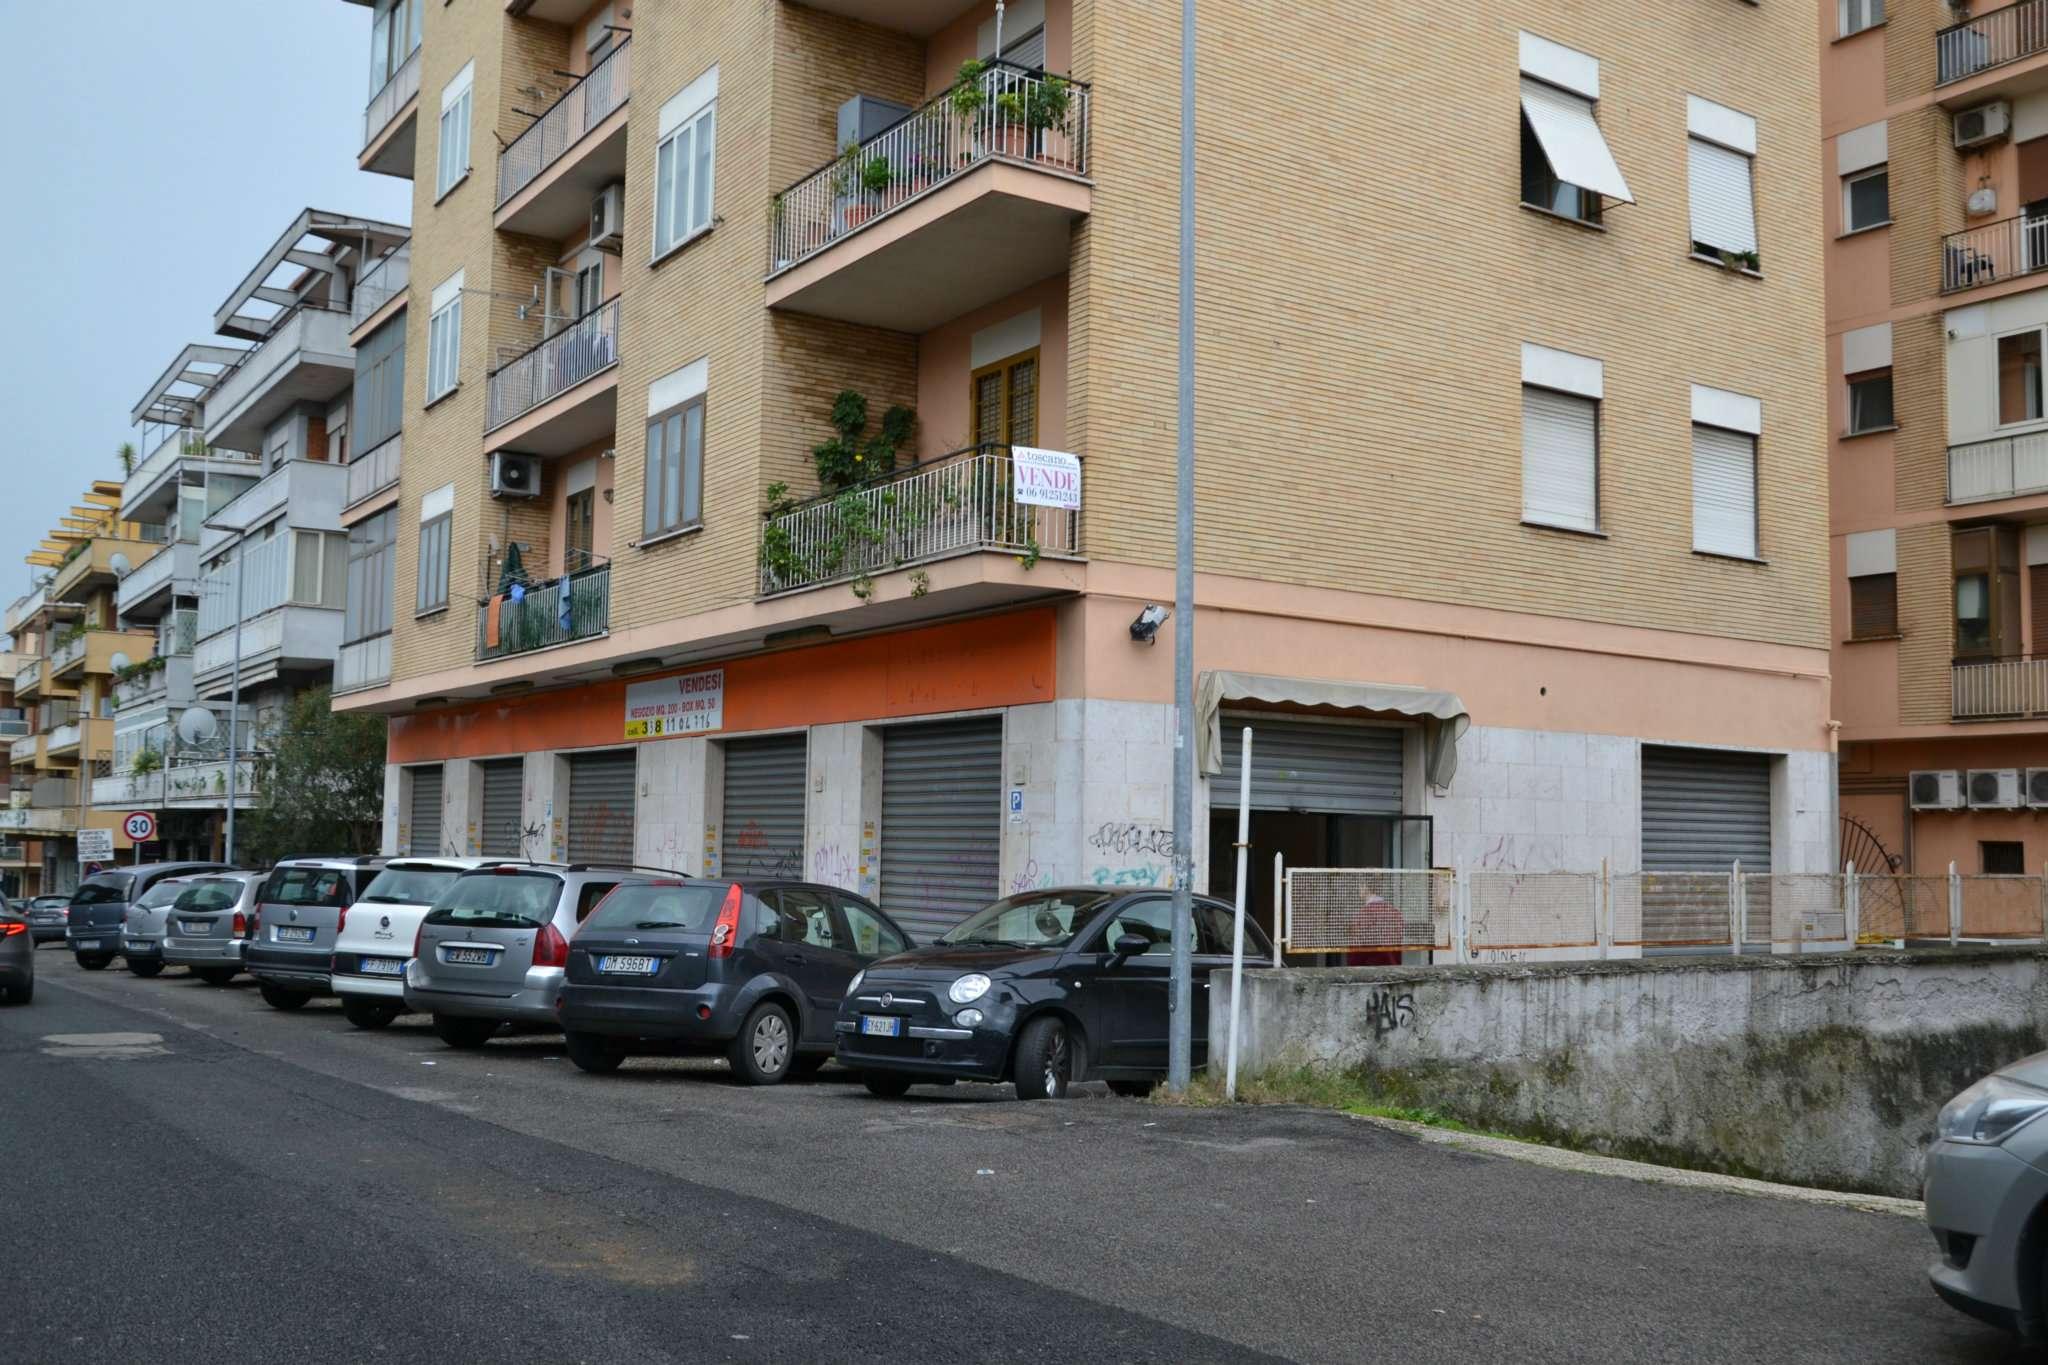 Negozio / Locale in vendita a Pomezia, 1 locali, prezzo € 170.000 | CambioCasa.it